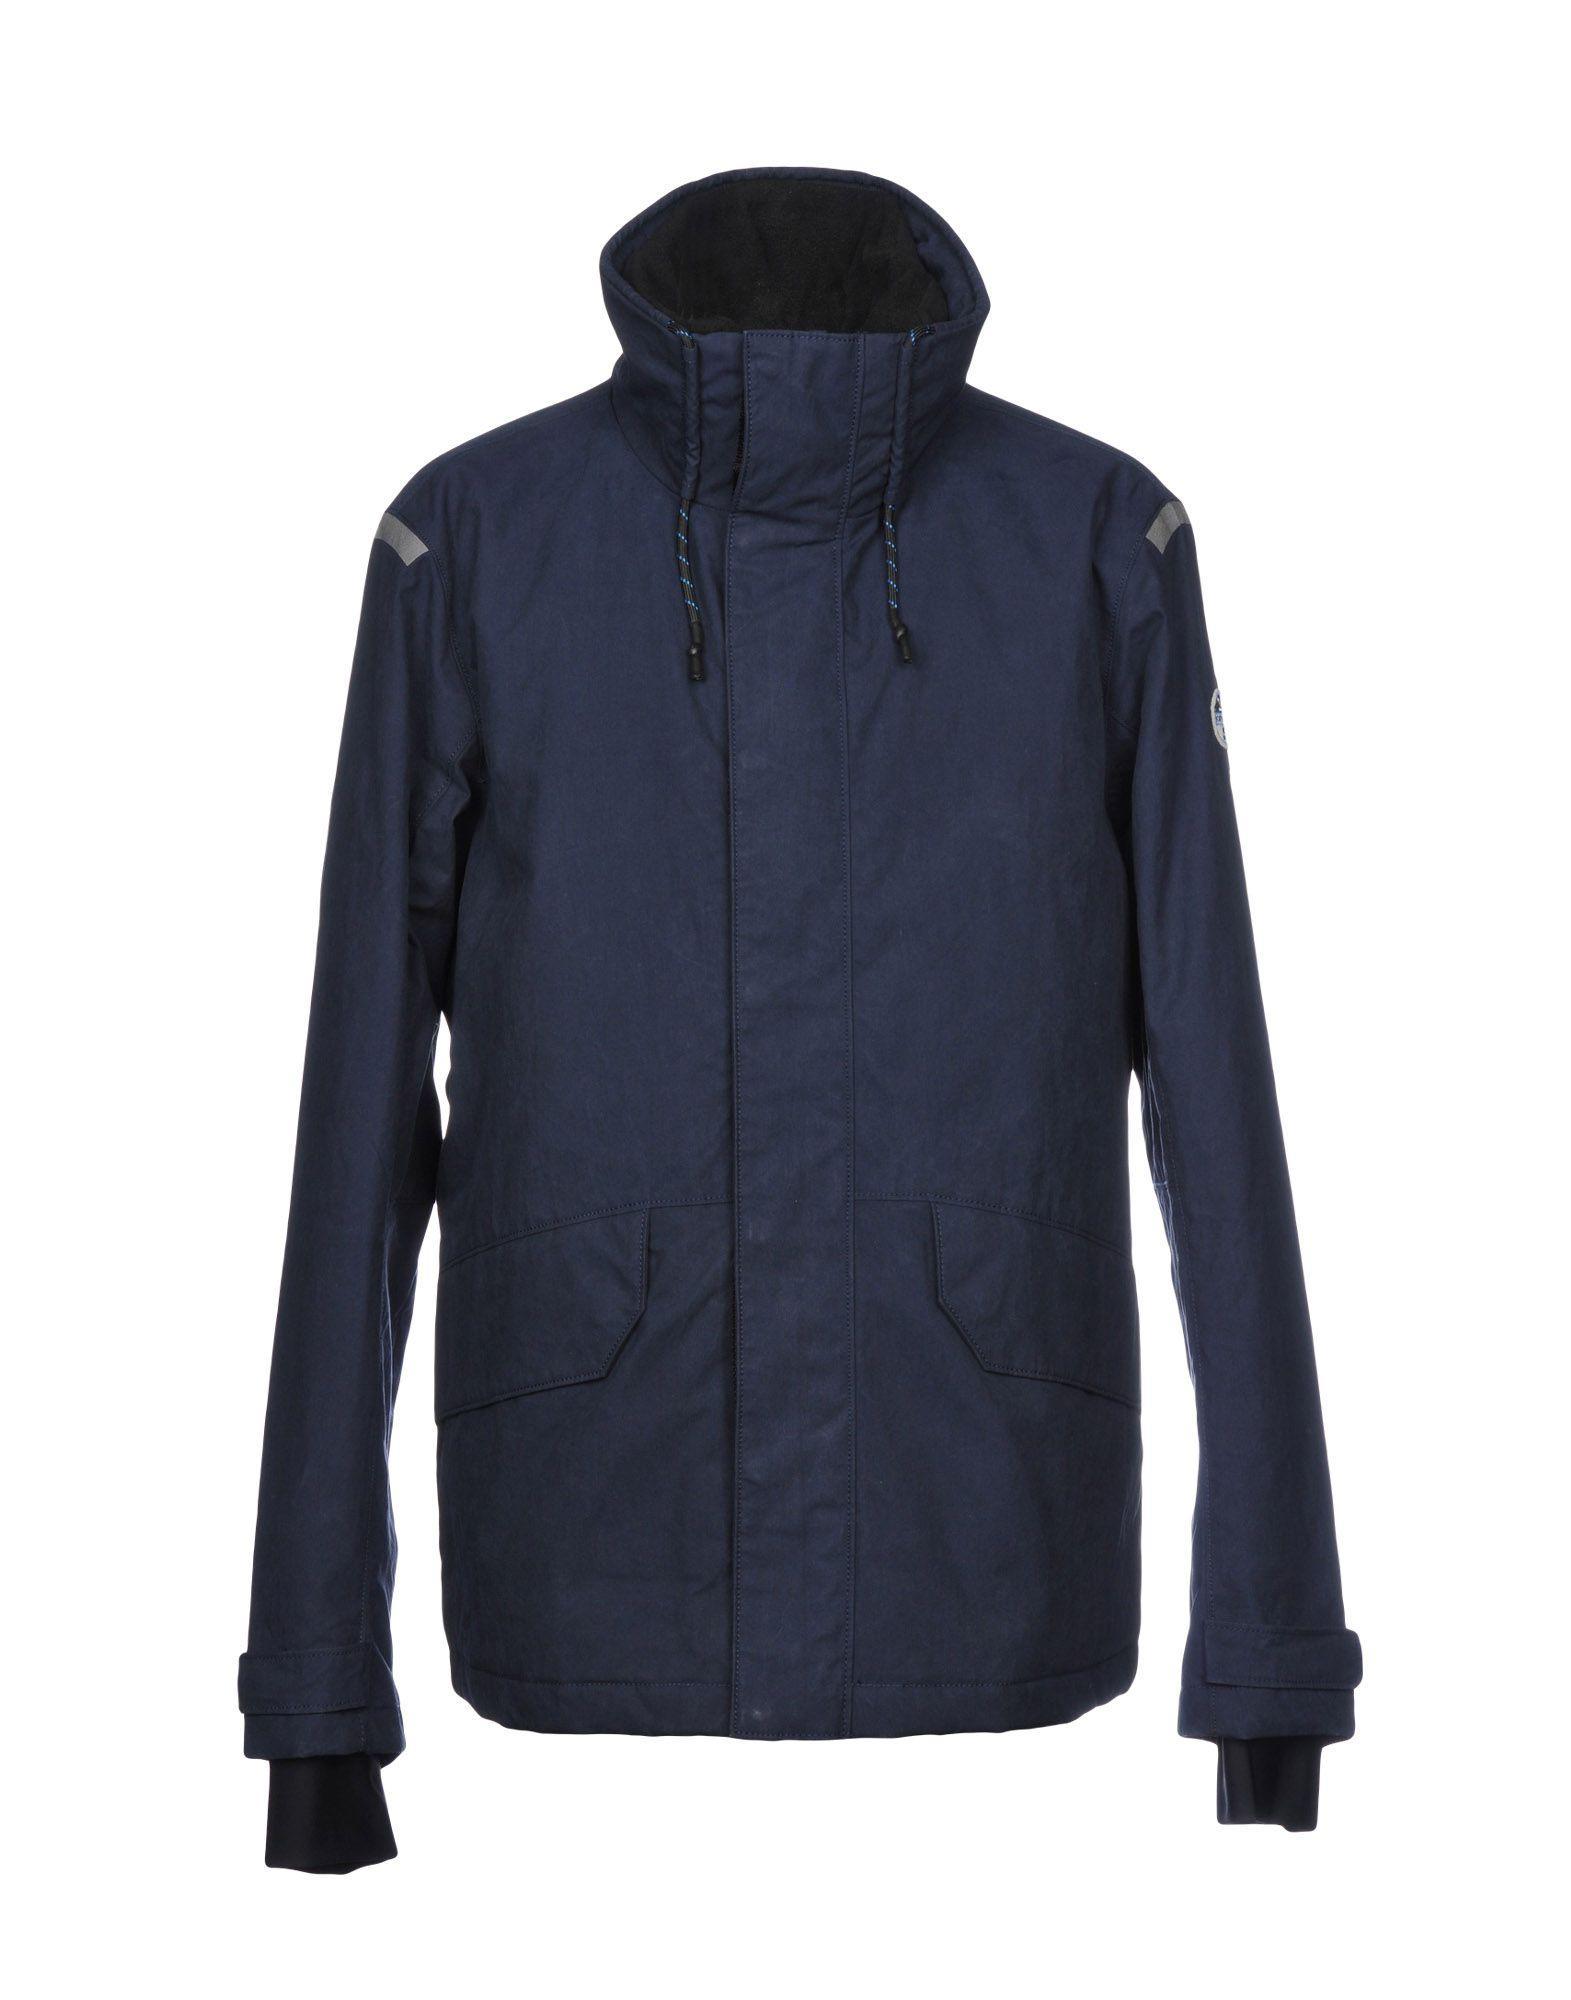 Jacket In Dark Blue